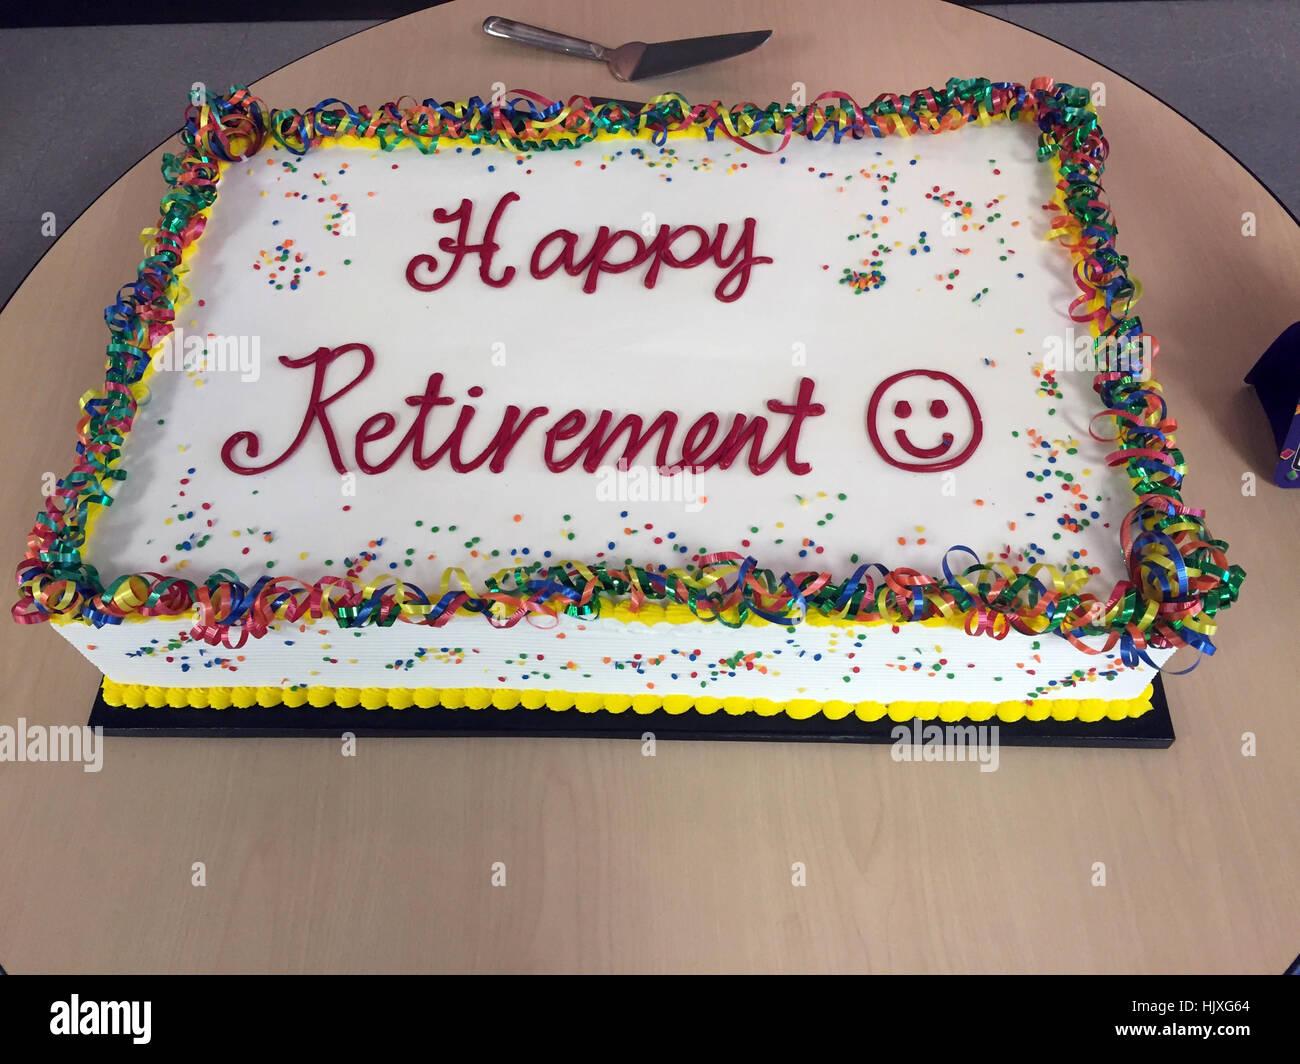 Happy Retirement Cake Stock Photo